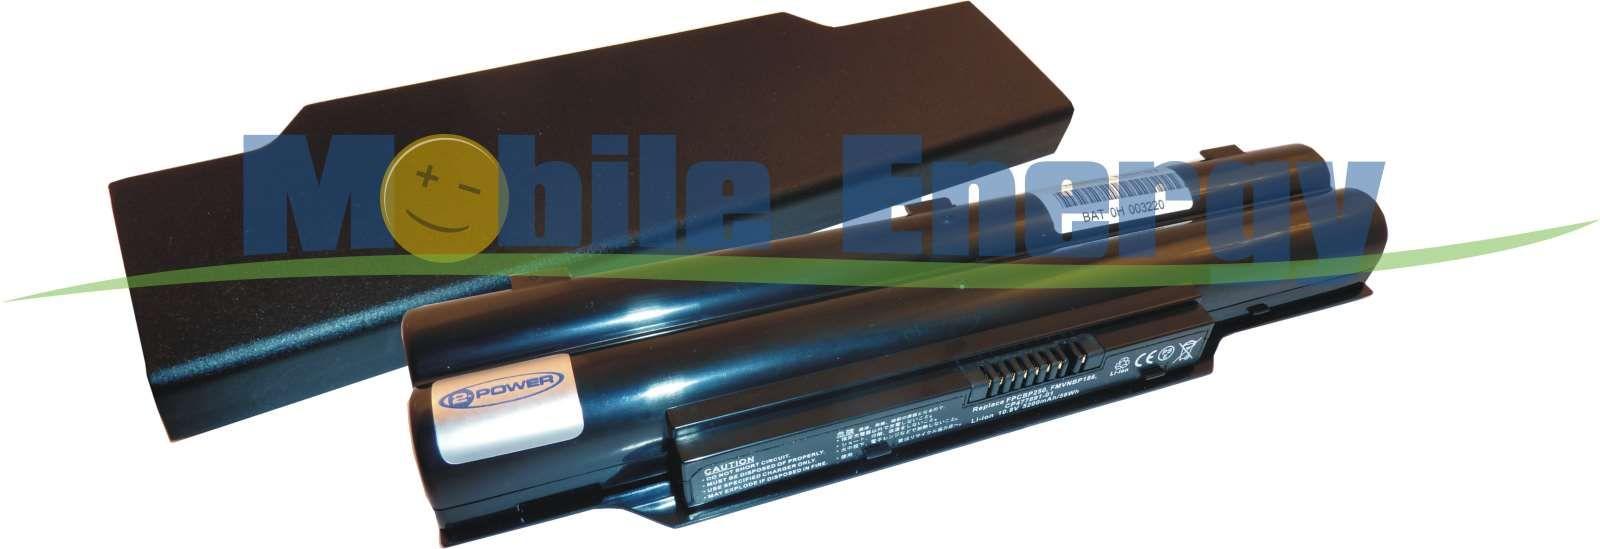 Mobile-Energy Baterie Fujitsu Siemens LifeBook LH520 / LH530 - 1